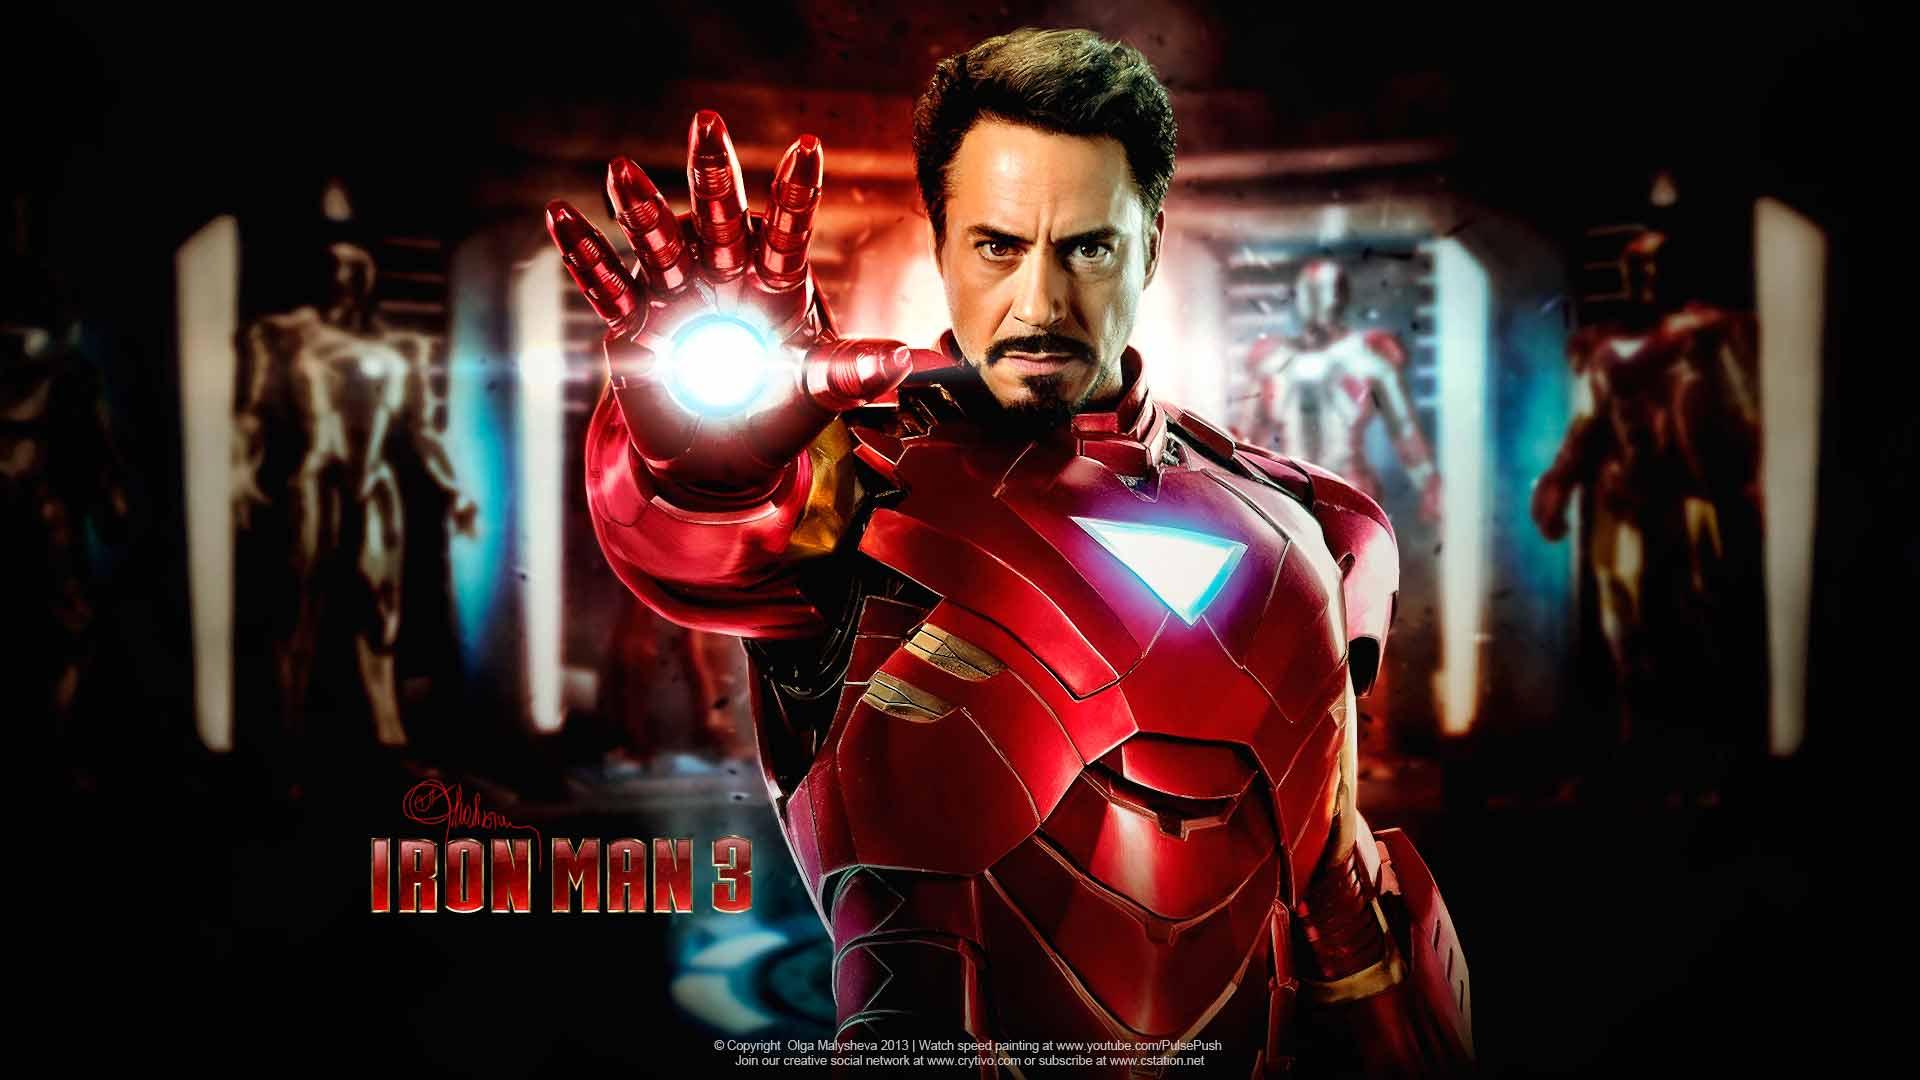 iron man 3 wallpapers iron man 3 desktop backgrounds iron man 3 1920x1080